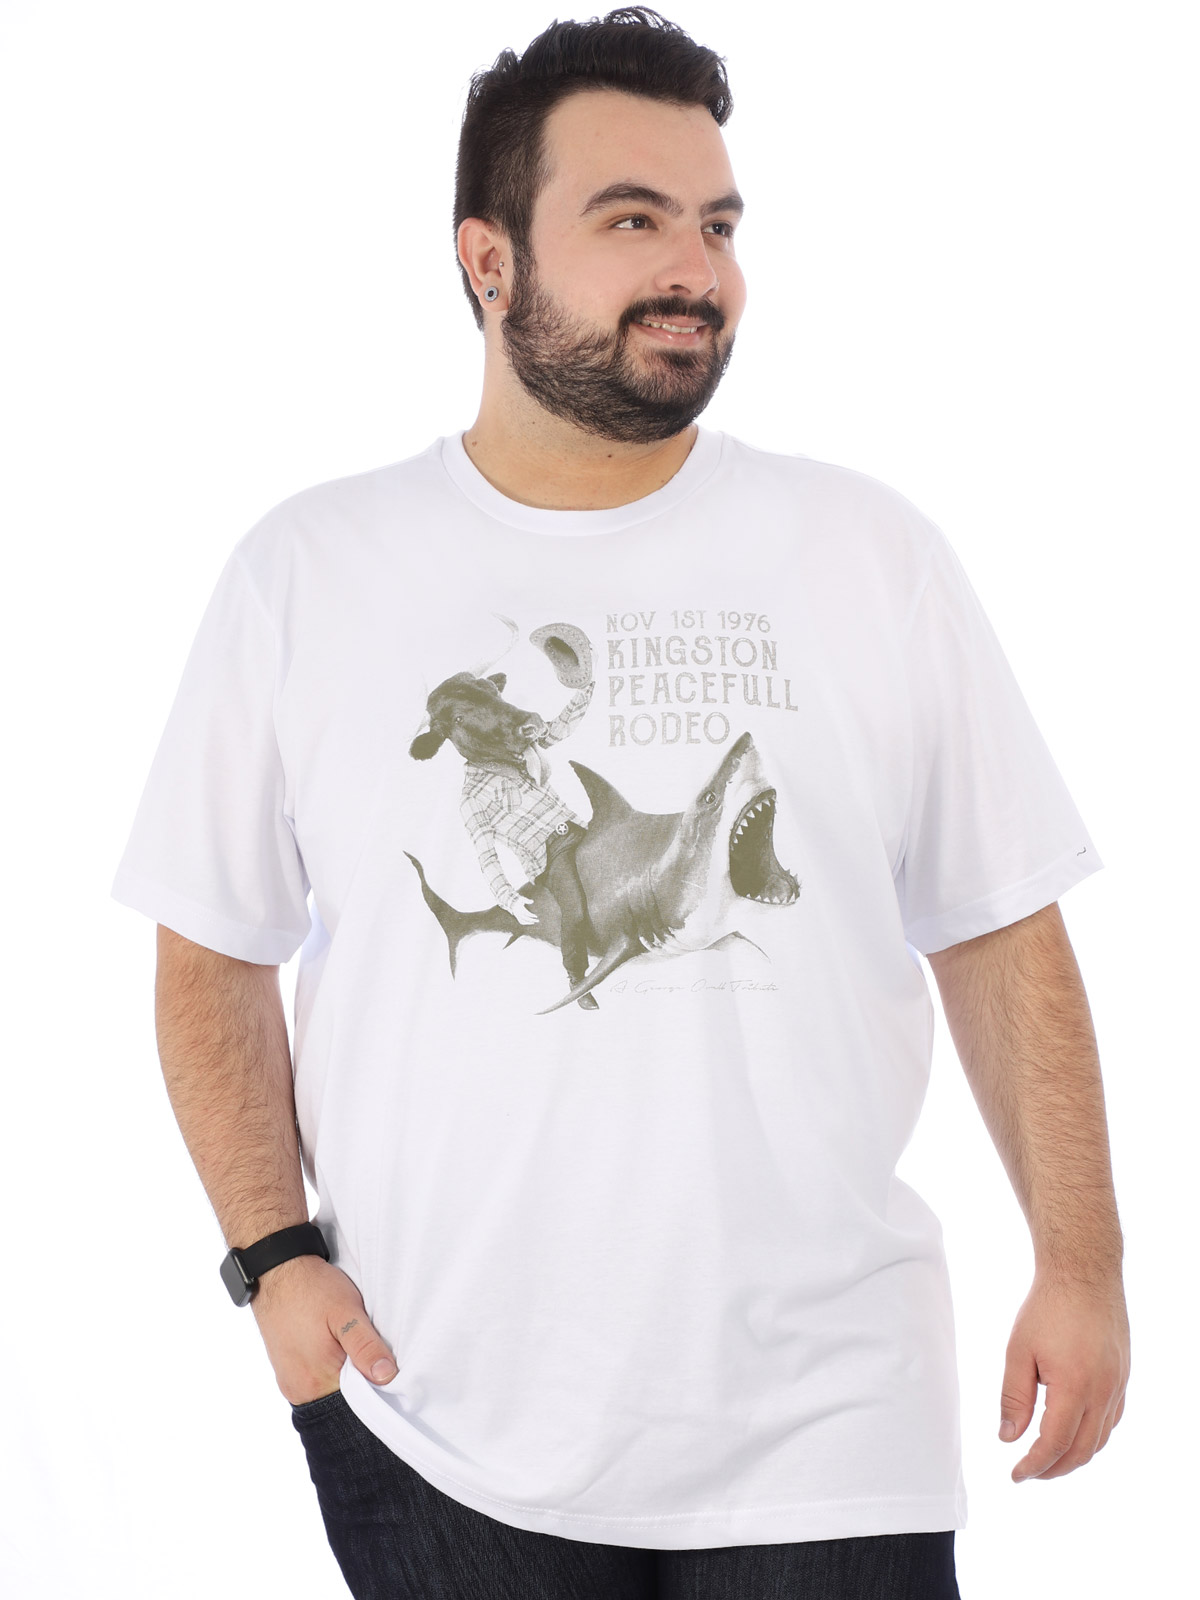 Camiseta Plus Size Masculina Estampada Rodeo Anistia Branca